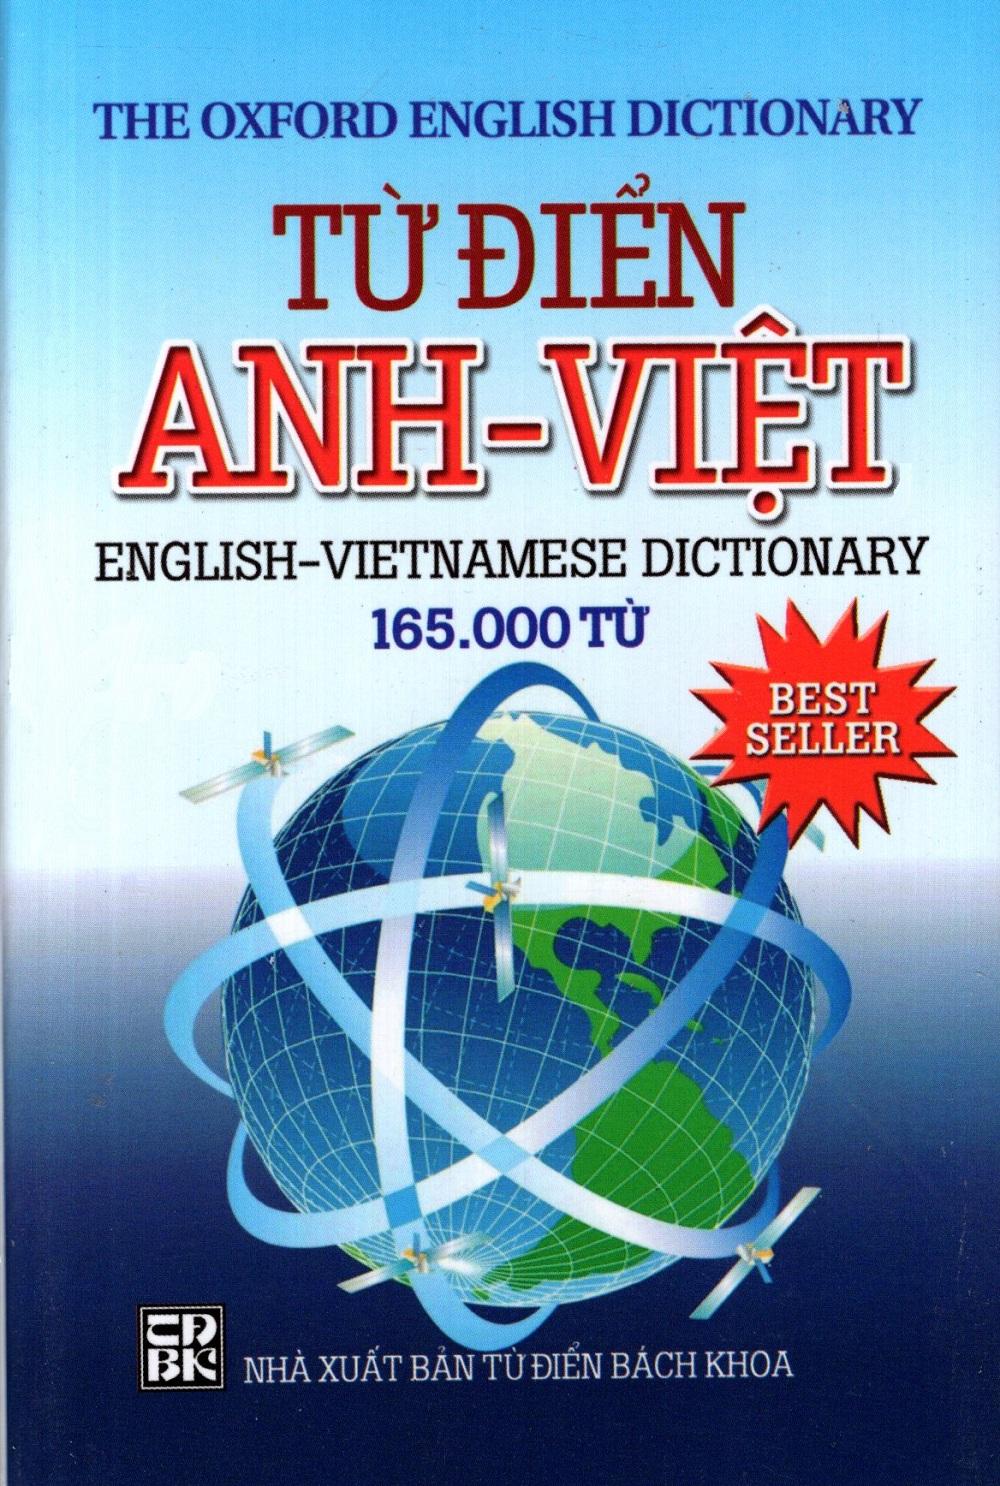 Bìa sách Từ Điển Anh - Việt (165.000 Từ) (2014 - Minh Trí) - Sách Bỏ Túi